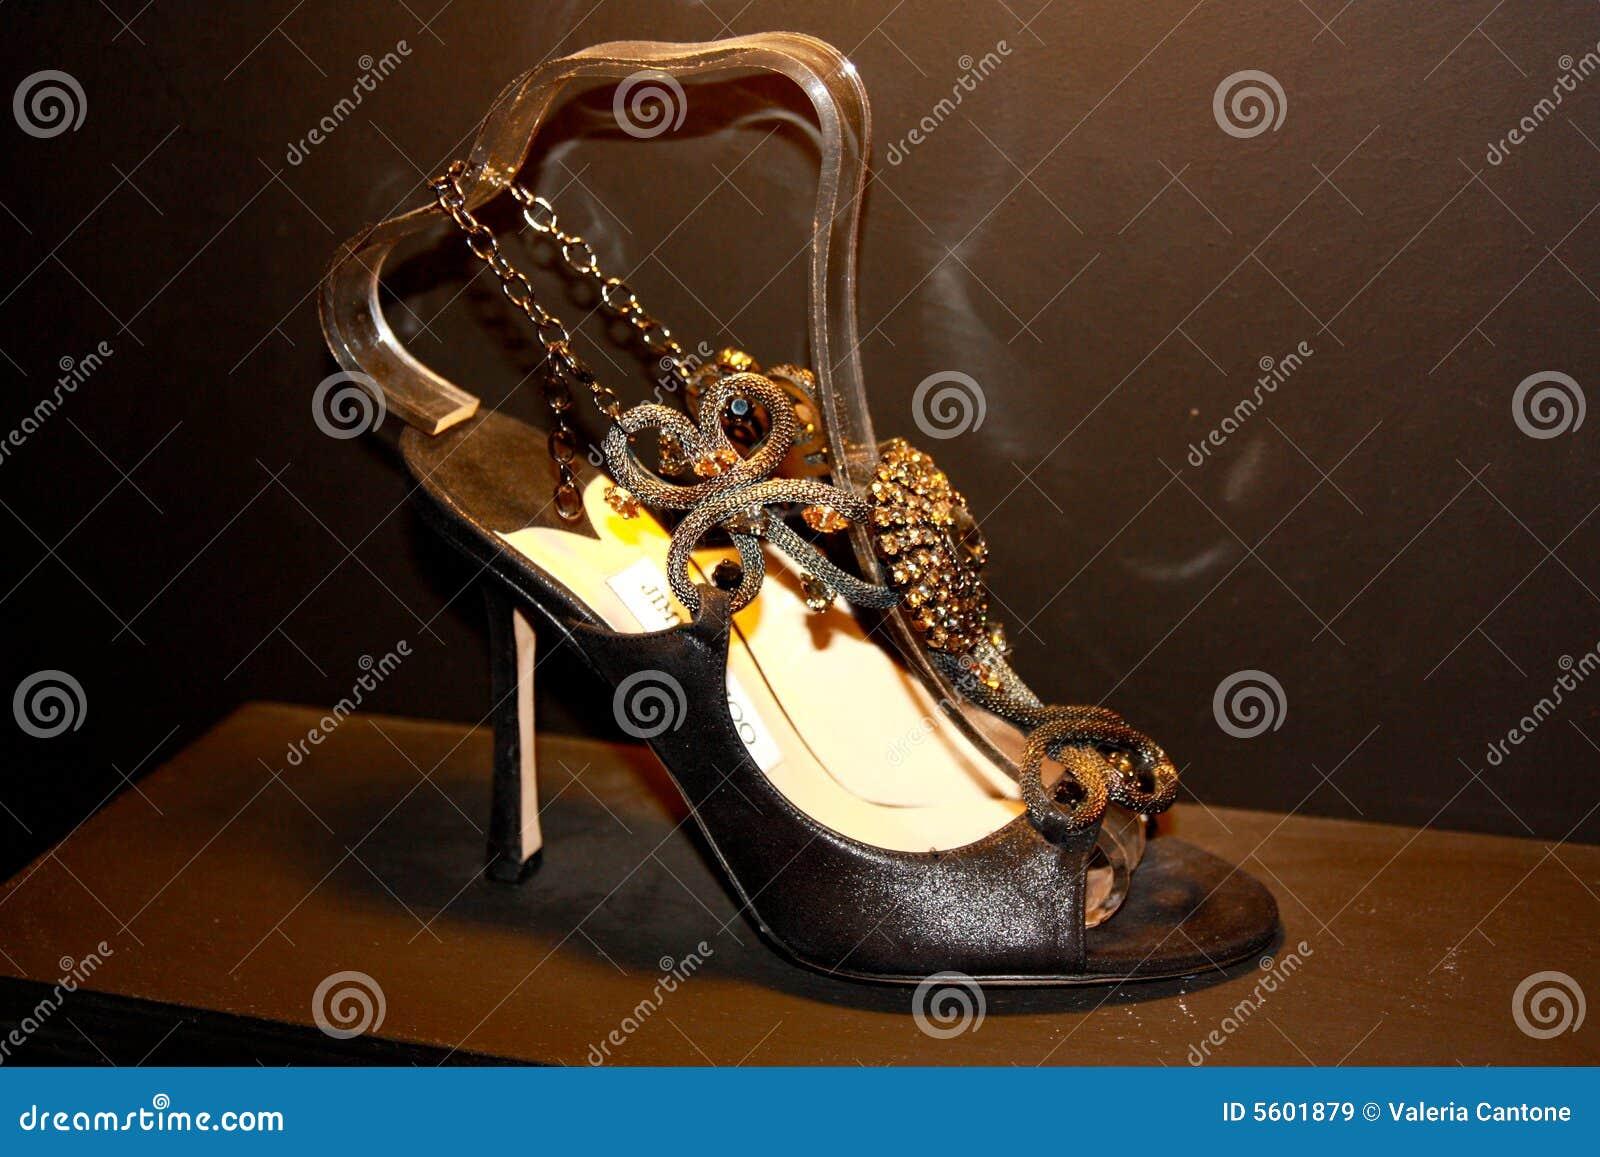 Jimmy Choo s shoes